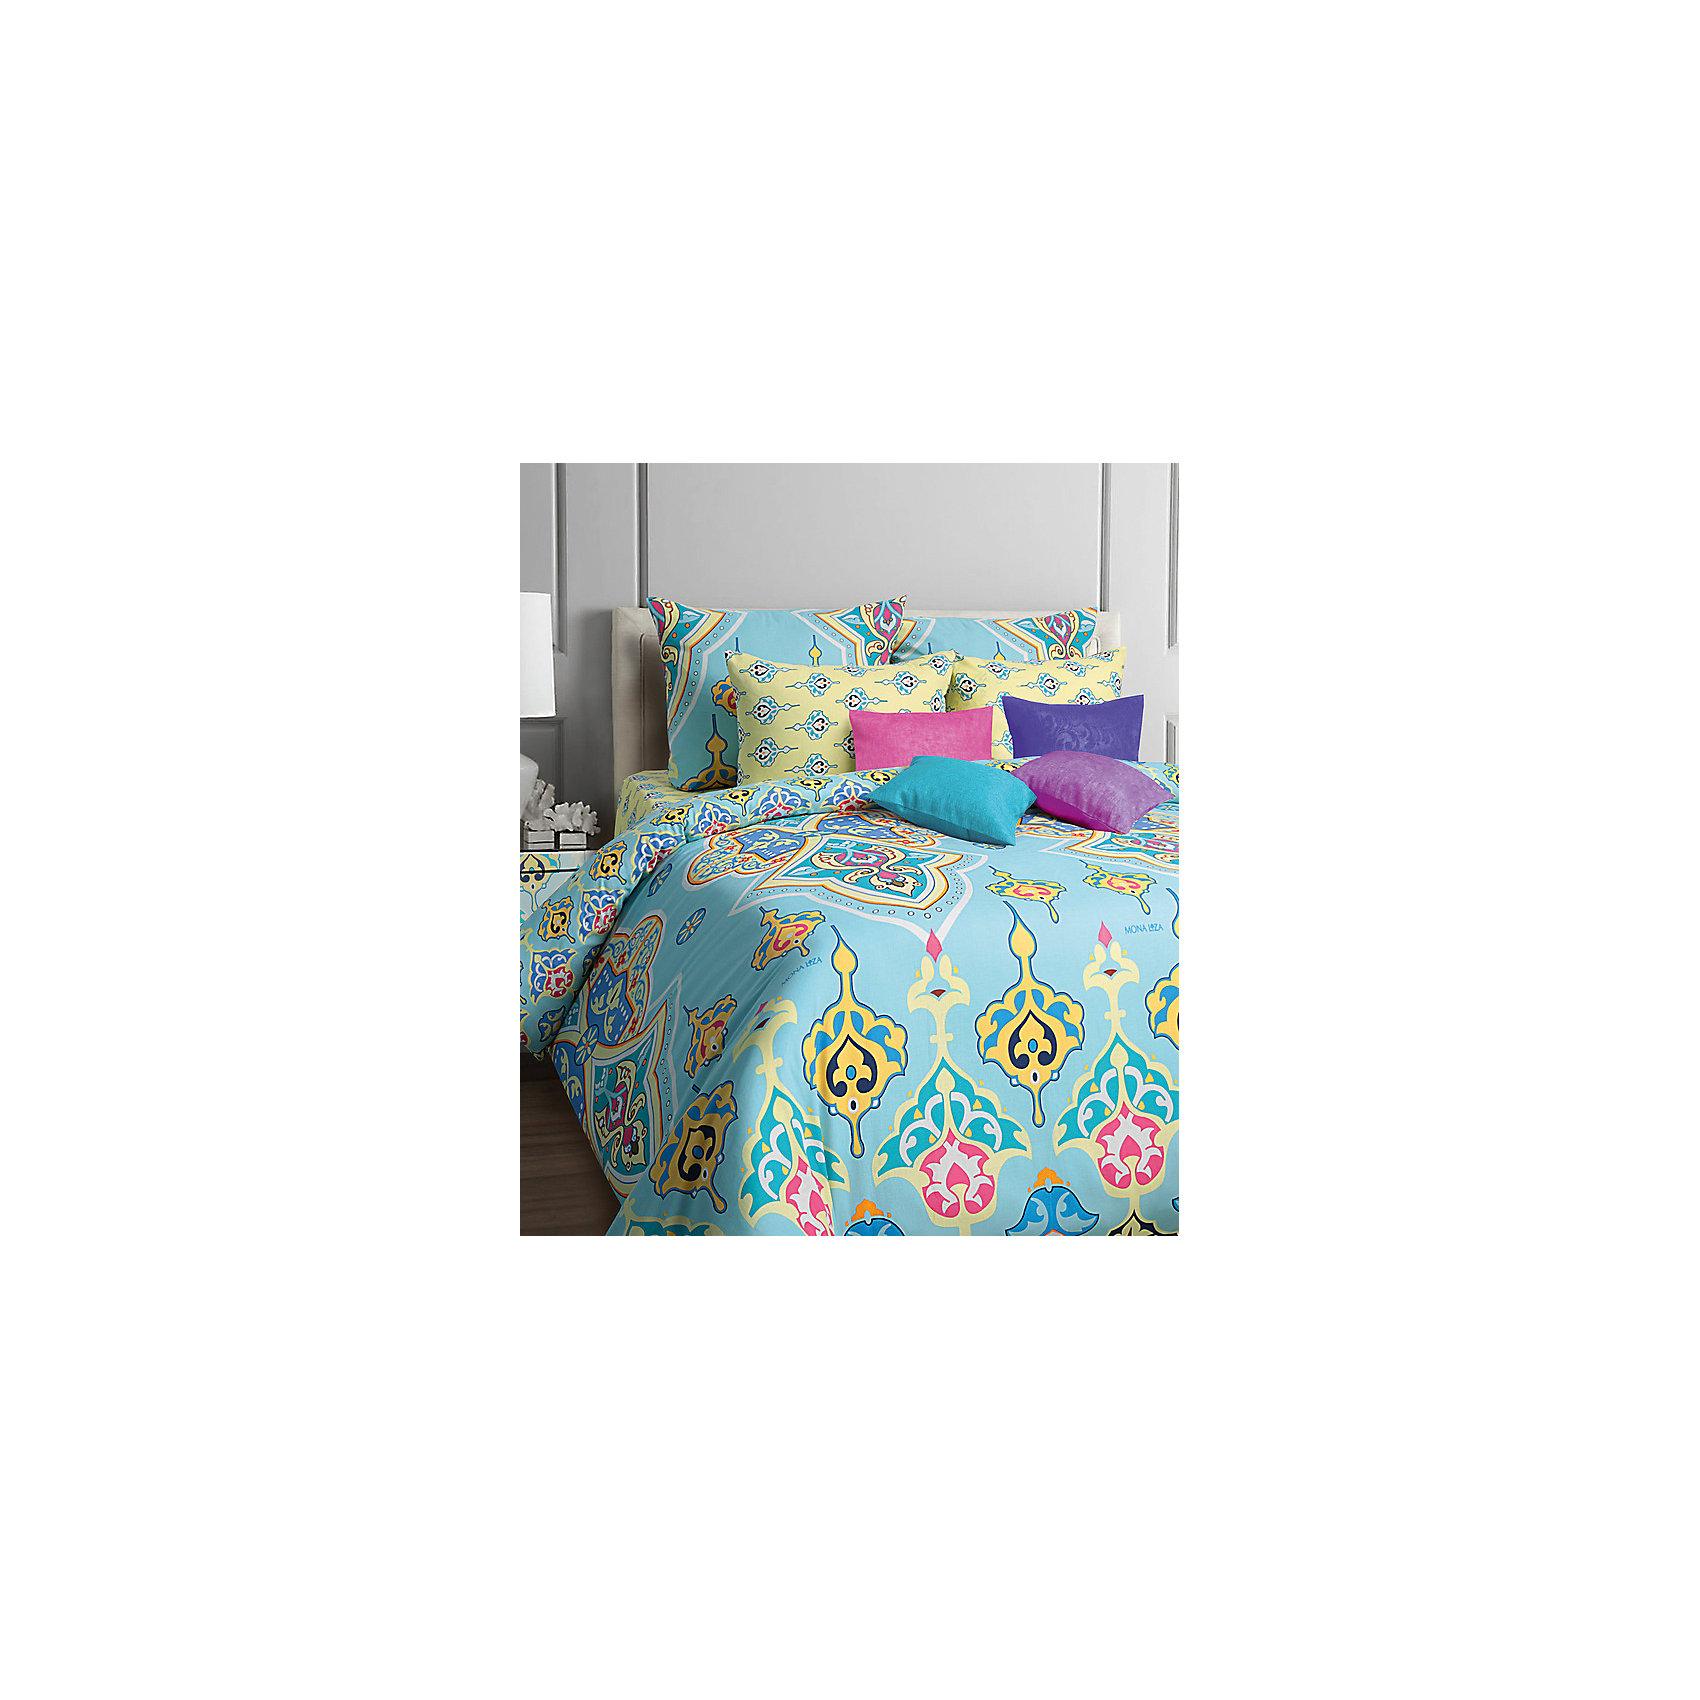 Постельное белье Семейный Arabic, 70*70, Mona LizaДомашний текстиль<br>Характеристики:<br><br>• Вид домашнего текстиля: постельное белье<br>• Тип постельного белья по размерам: Семейный<br>• Серия: Mona Liza Classic<br>• Сезон: круглый год<br>• Материал: бязь <br>• Цвет: голубой, желтый, зеленый, фиолетовый<br>• Комплектация: <br> пододеяльник на пуговицах – 2 шт. 145*210 см <br> простынь – 1 шт. 215*240 см<br> наволочки – 2 шт. (70*70 см)<br>• Тип упаковки: книжка <br>• Вес в упаковке: 2 кг 300 г<br>• Особенности ухода: машинная стирка при температуре 30 градусов<br><br>Постельное белье Семейный Arabic 70*70, Mona Liza изготовлено под отечественным торговым брендом, выпускающим постельное белье из натуральных тканей. Комплект выполнен из 100 % бязи, отличающейся высокими характеристиками не только прочности самого полотна, но и устойчивости окраски, которая выполняется по особой технологии. Комплектсостоит из 5-ти предметов. Постельное белье выполнено в ярком дизайне с рисунком из восточных мотивов. <br>Постельное белье Семейный Arabic 70*70, Mona Liza – домашний текстиль, соответствующий международным стандартам качества и безопасности!<br><br>Постельное белье Семейный Arabic 70*70, Mona Liza можно купить в нашем интернет-магазине.<br><br>Ширина мм: 290<br>Глубина мм: 90<br>Высота мм: 370<br>Вес г: 2720<br>Возраст от месяцев: 84<br>Возраст до месяцев: 1188<br>Пол: Женский<br>Возраст: Детский<br>SKU: 5165689